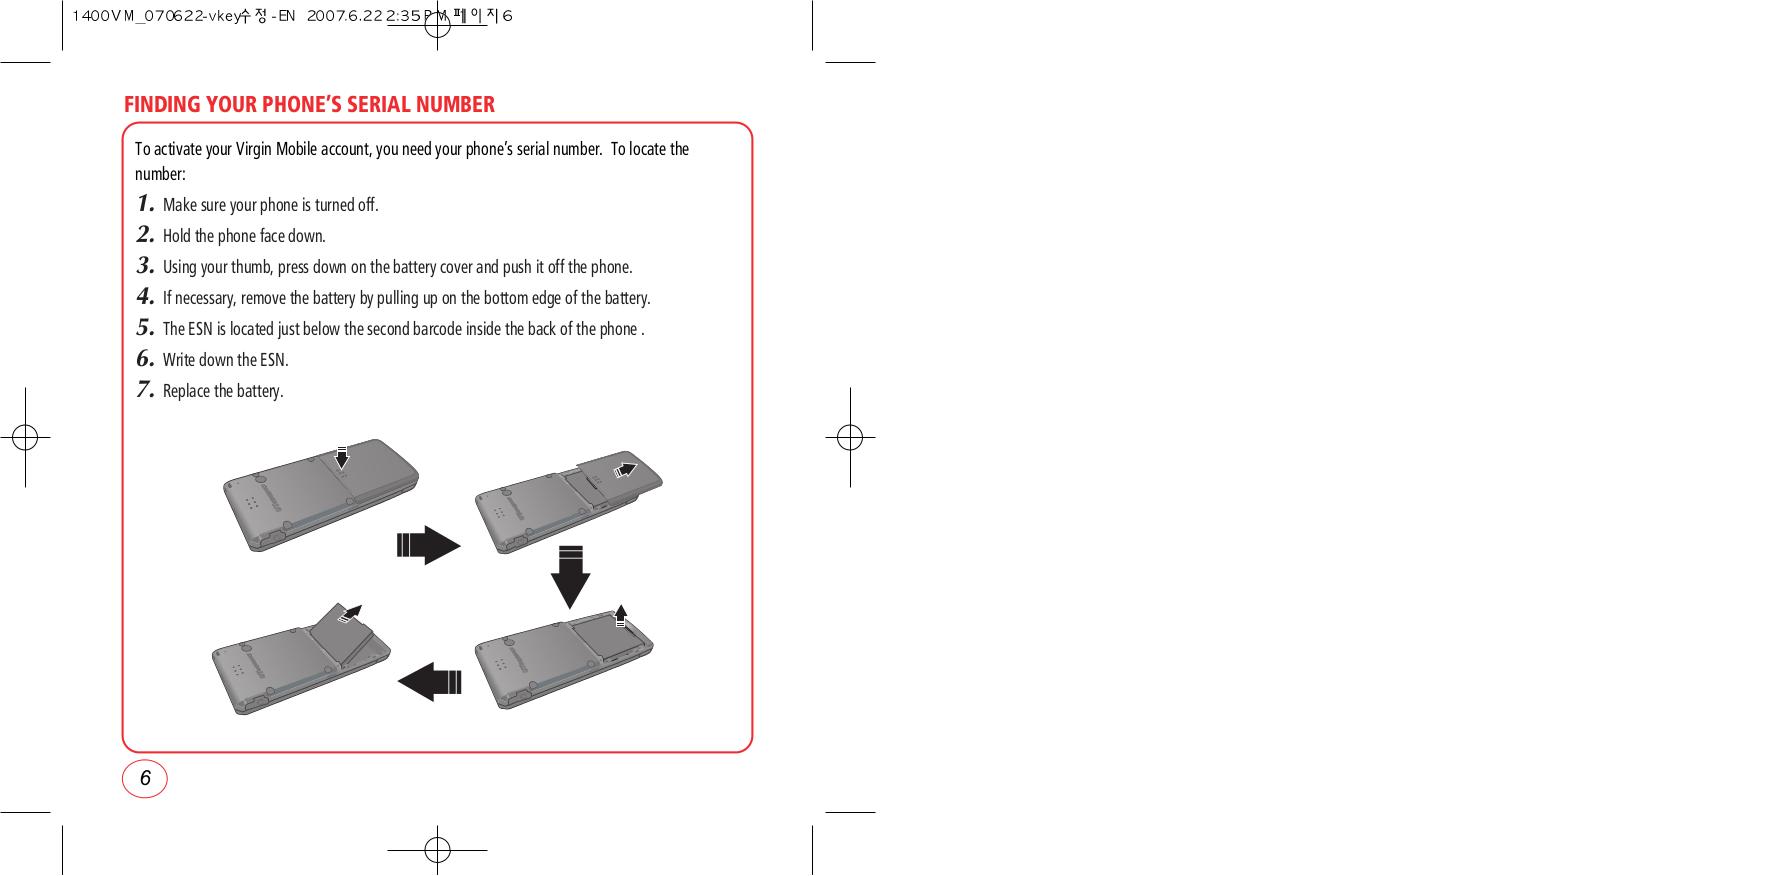 canon 710 fax manual ebook